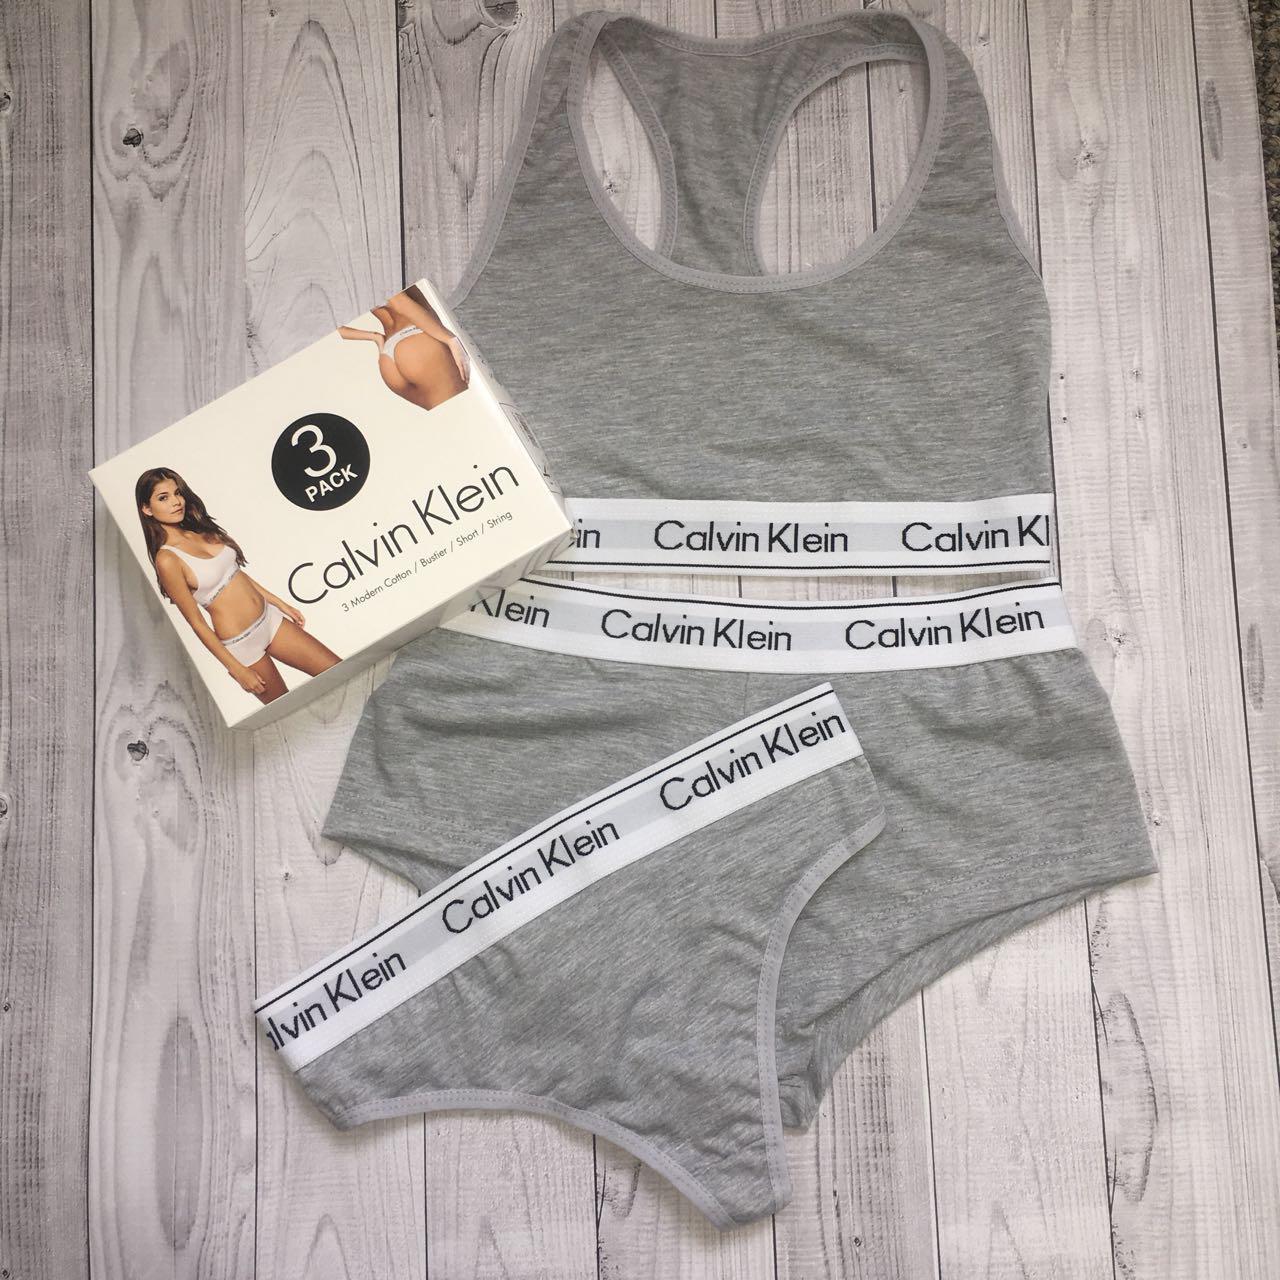 0c5dcf5eef1e Оптом Женский комплект спортивного белья Calvin Klein (топ+стринги+шорты),  серый,ХL